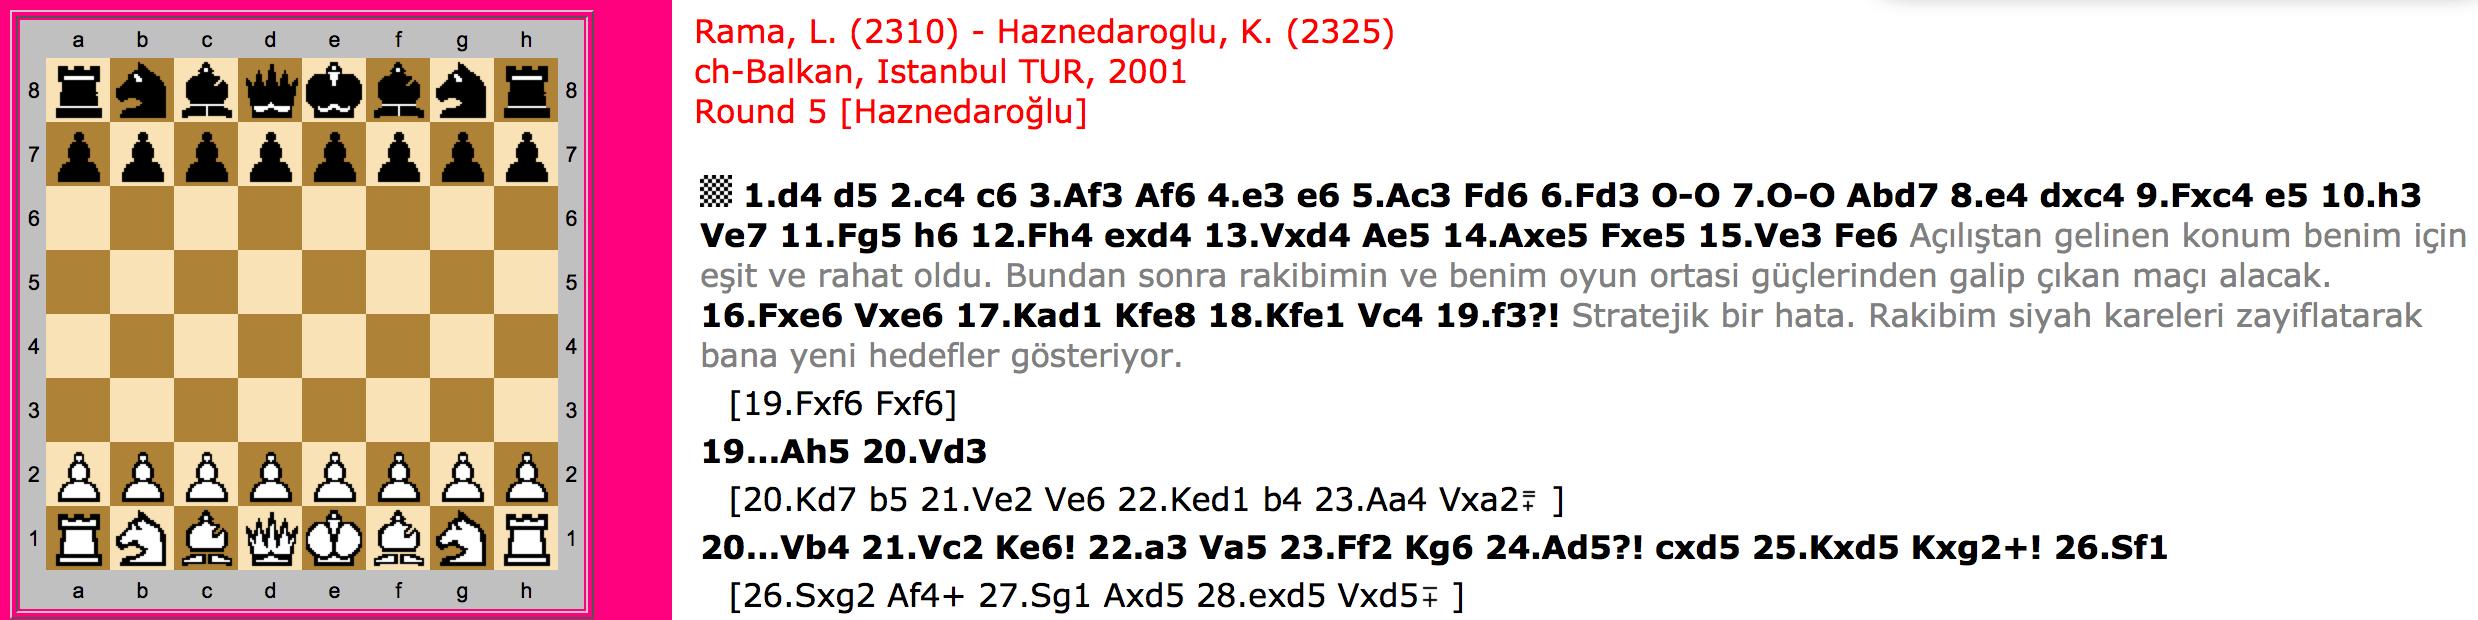 Rama – Haznedaroğlu 2001